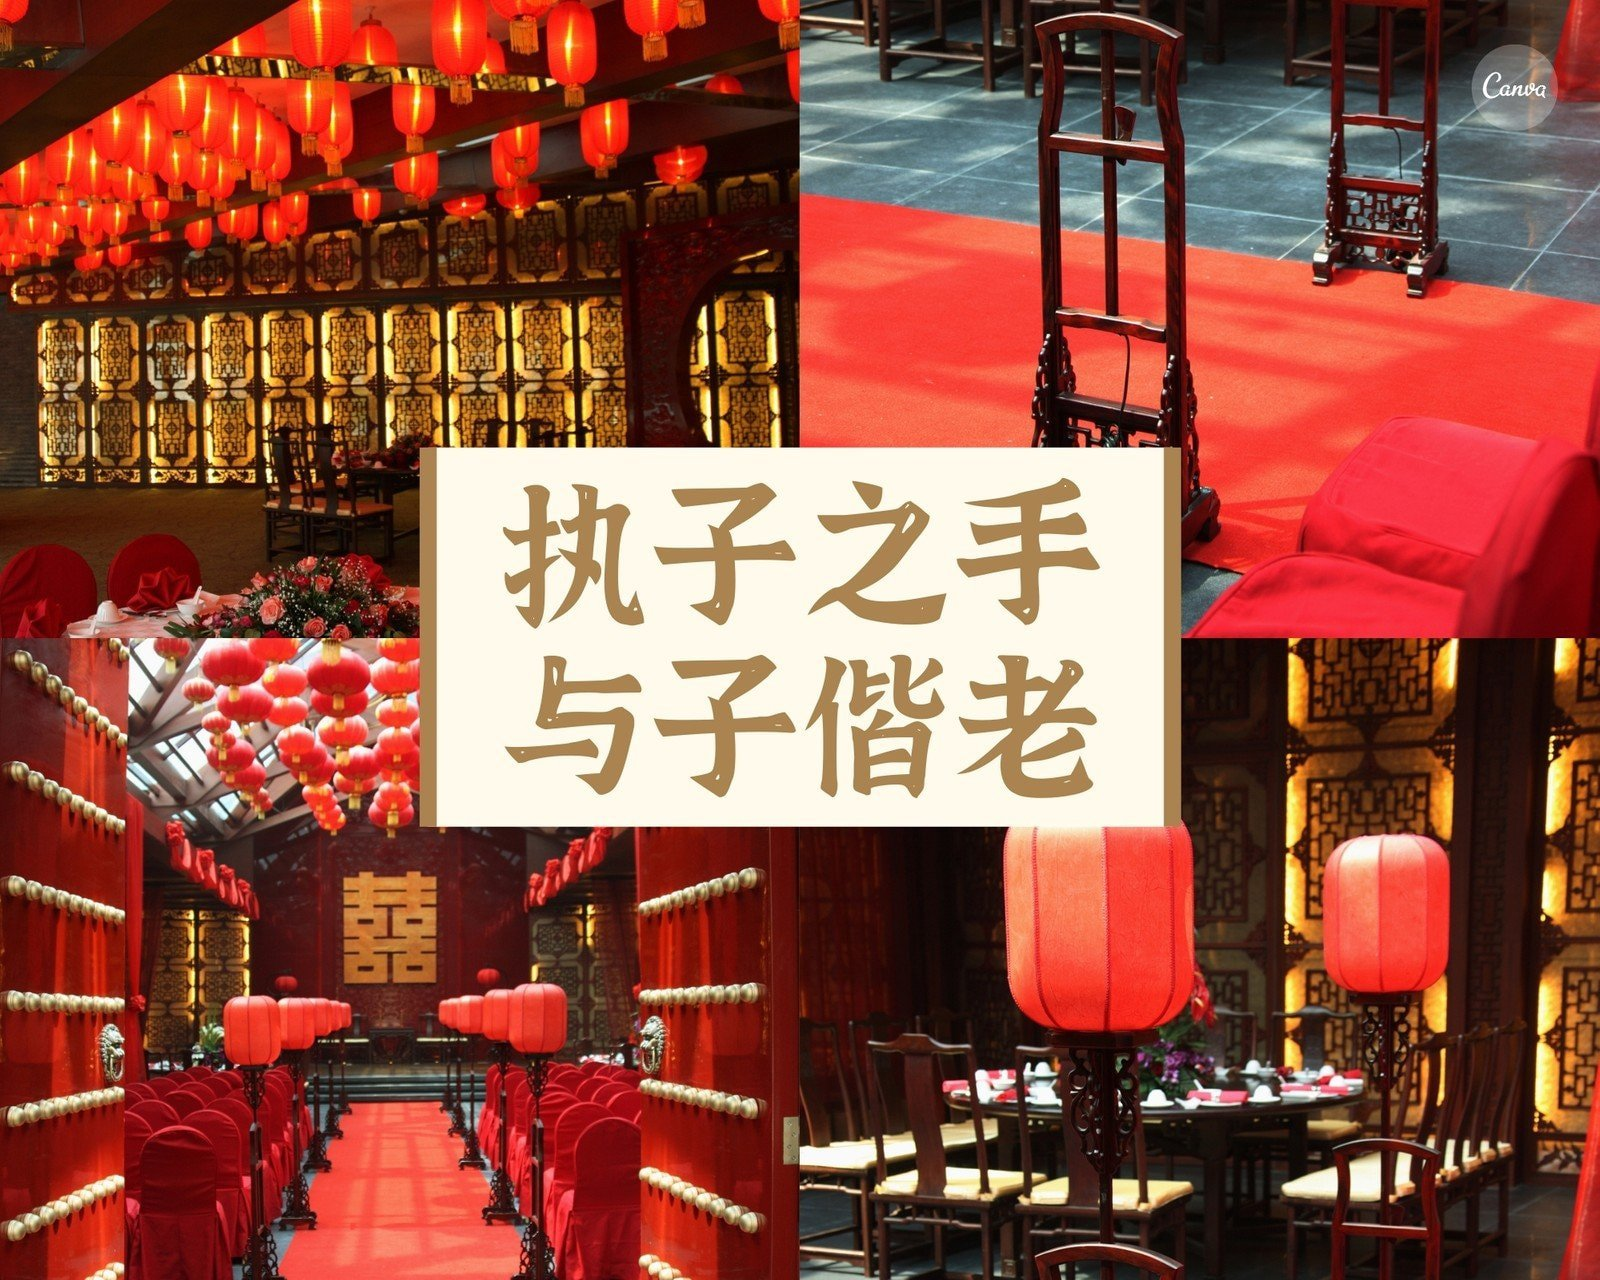 红色婚礼礼堂爱情婚纱拼图